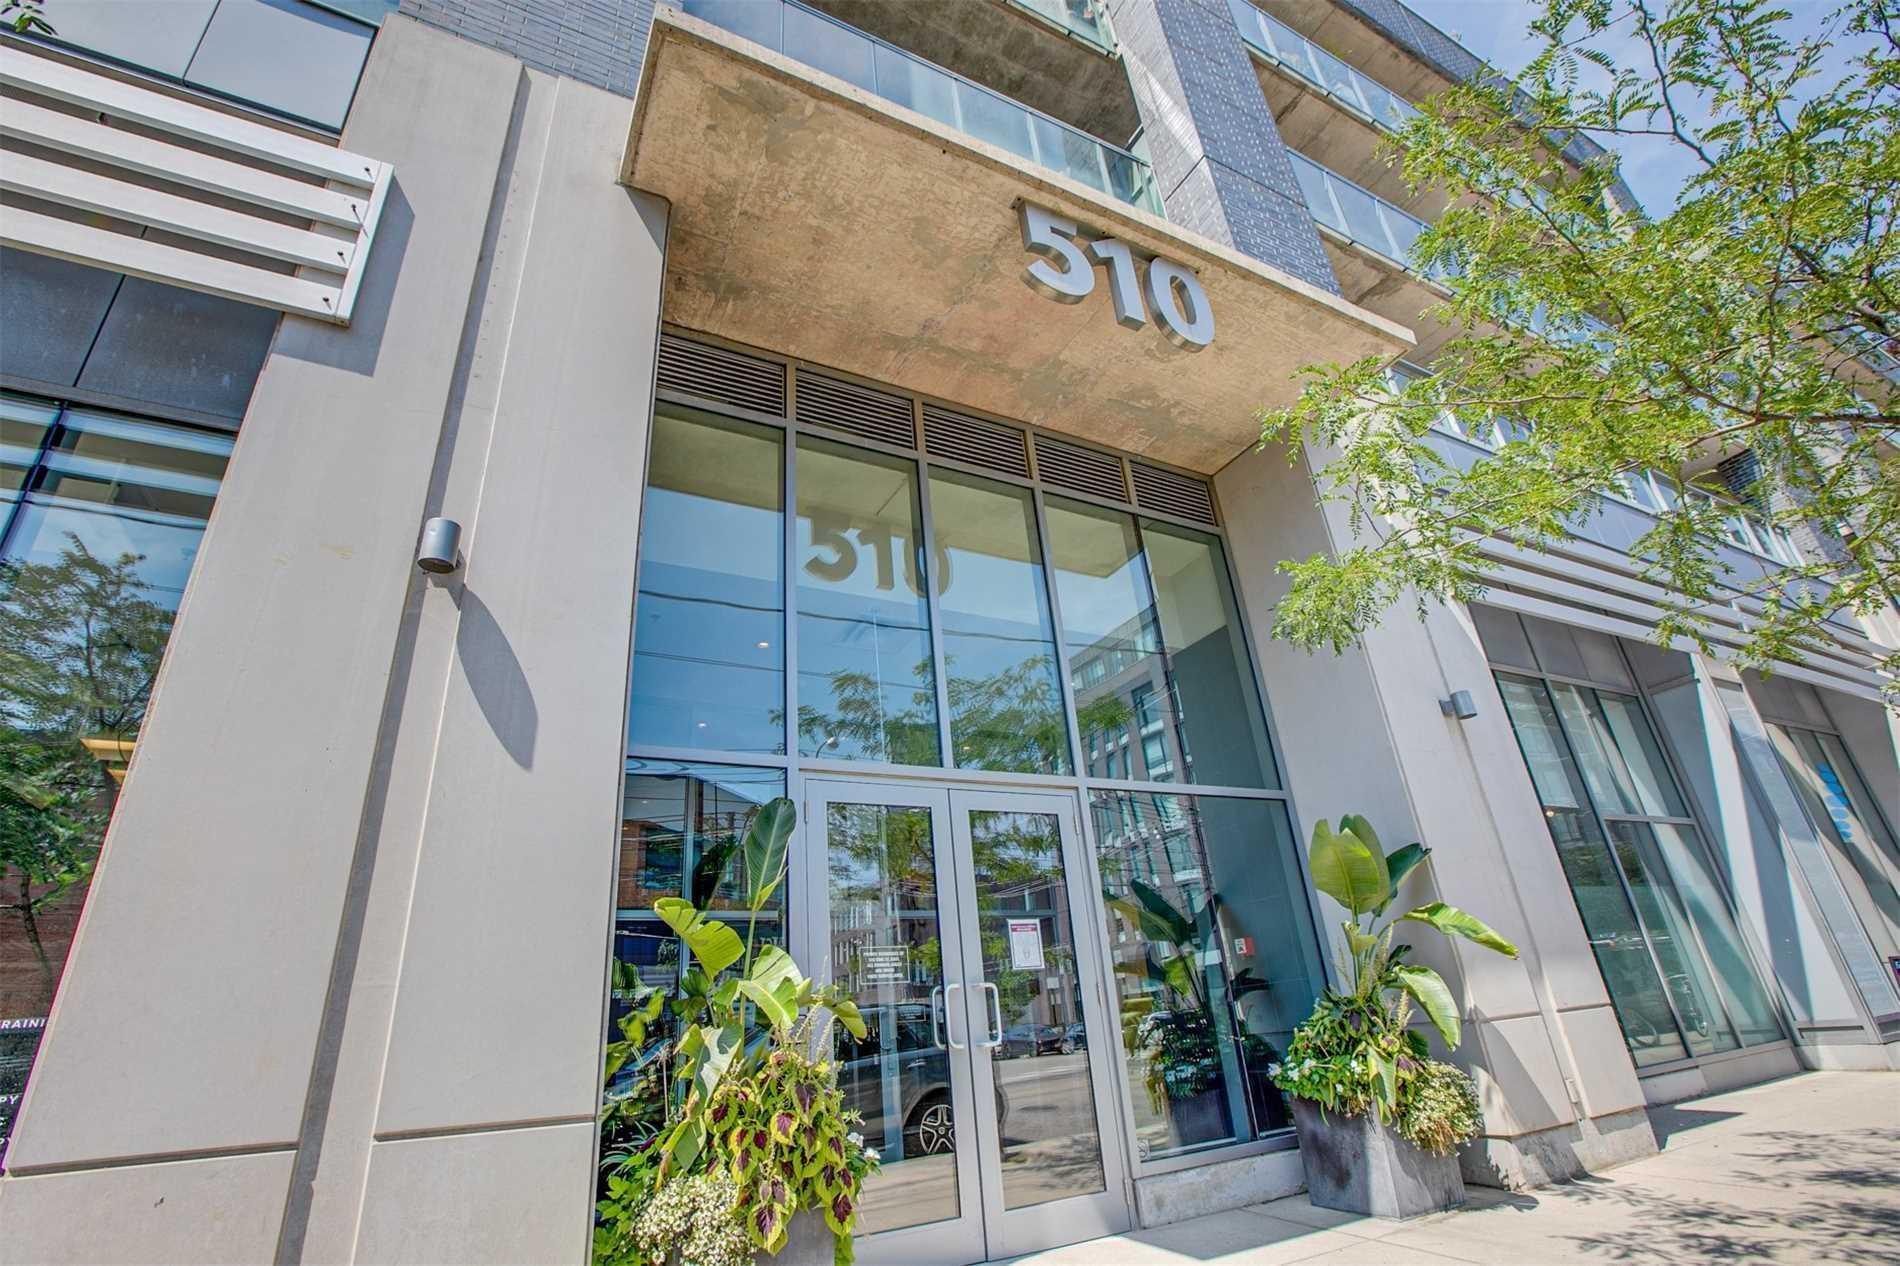 229 - 510 King St E, Toronto, M5A 0E5